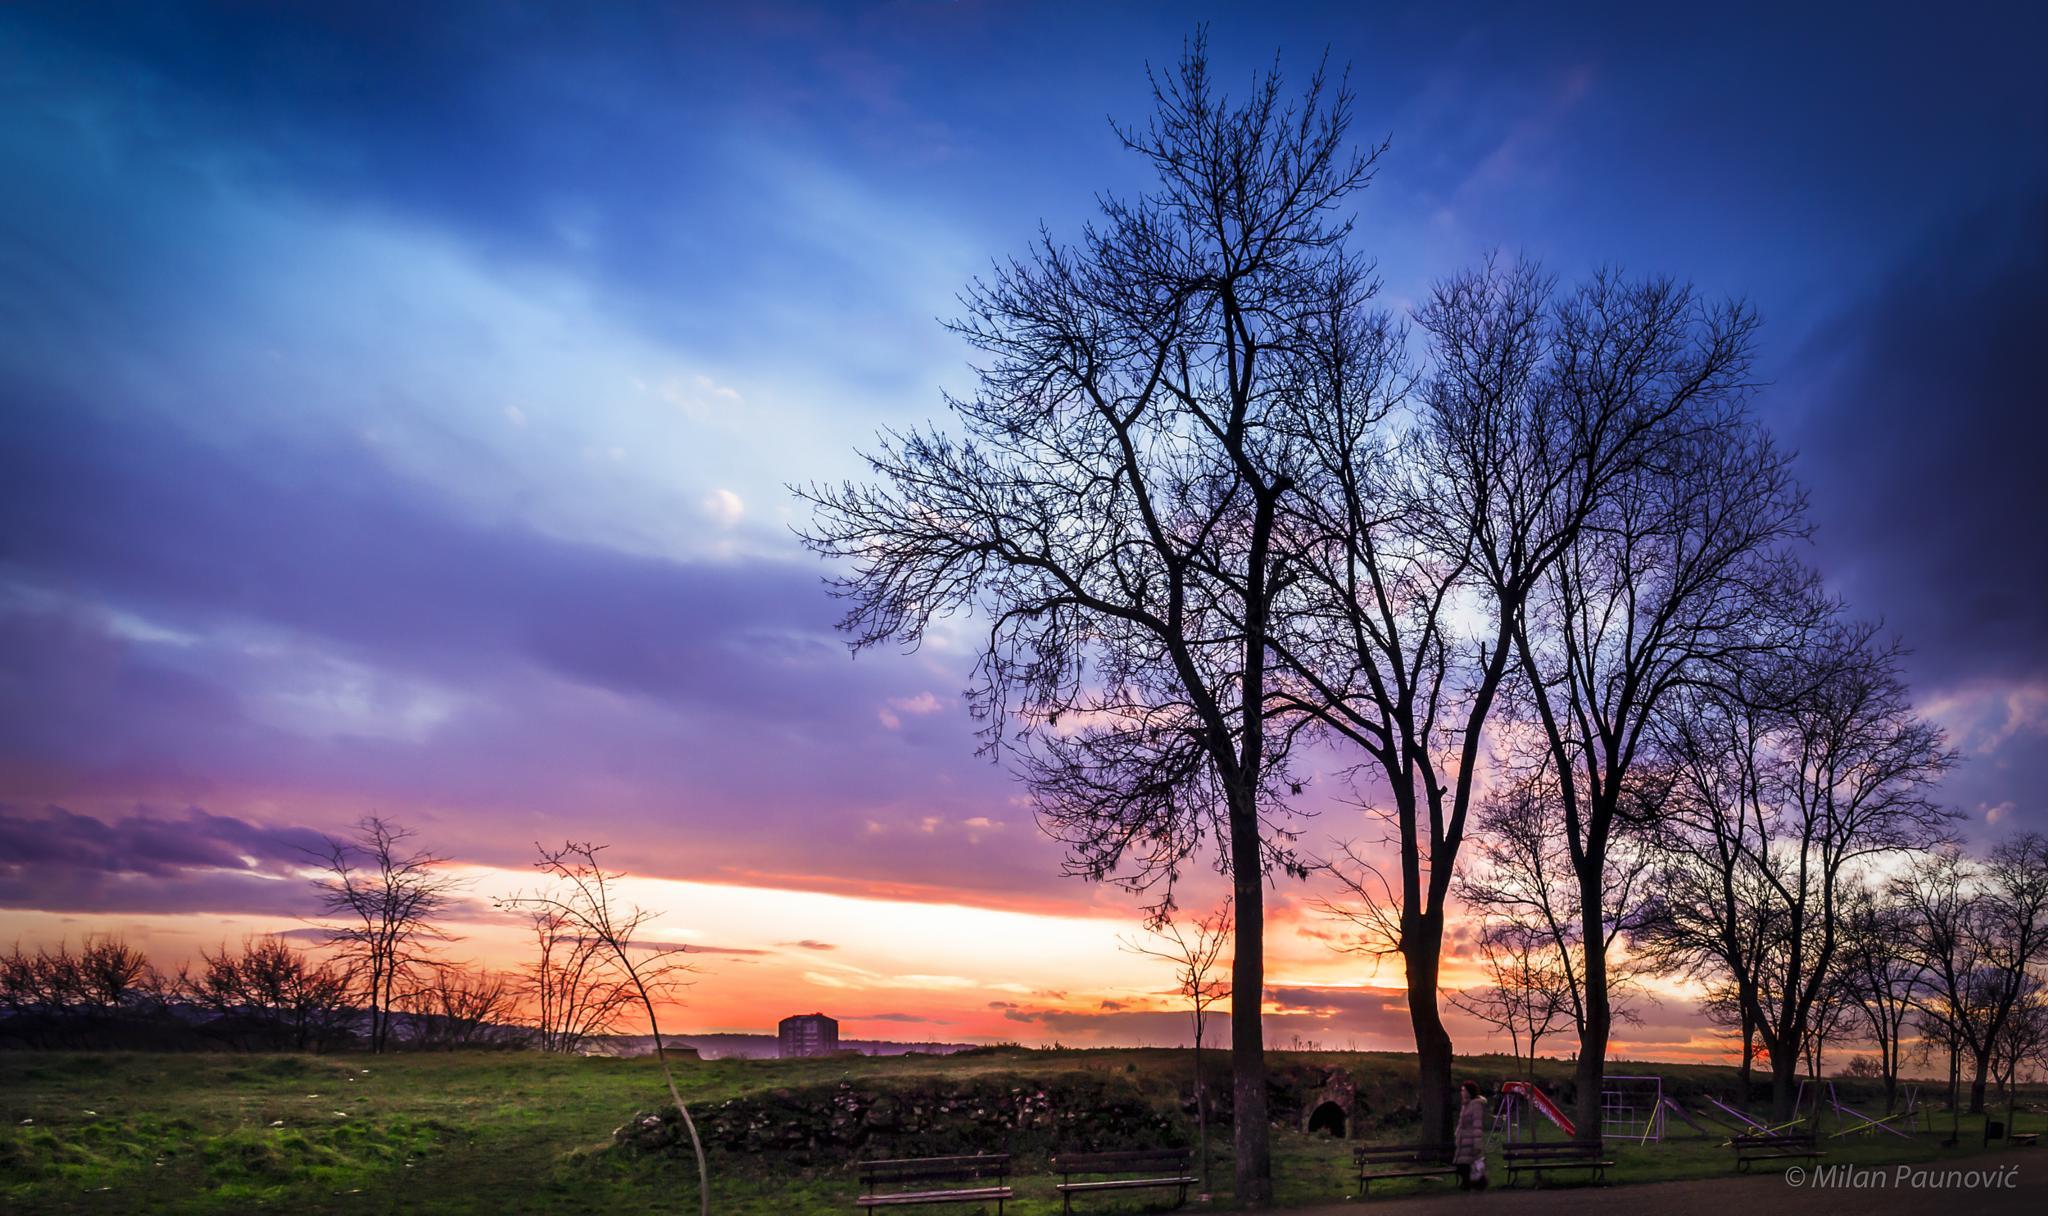 Colorful Sunset by Milan Paunovic